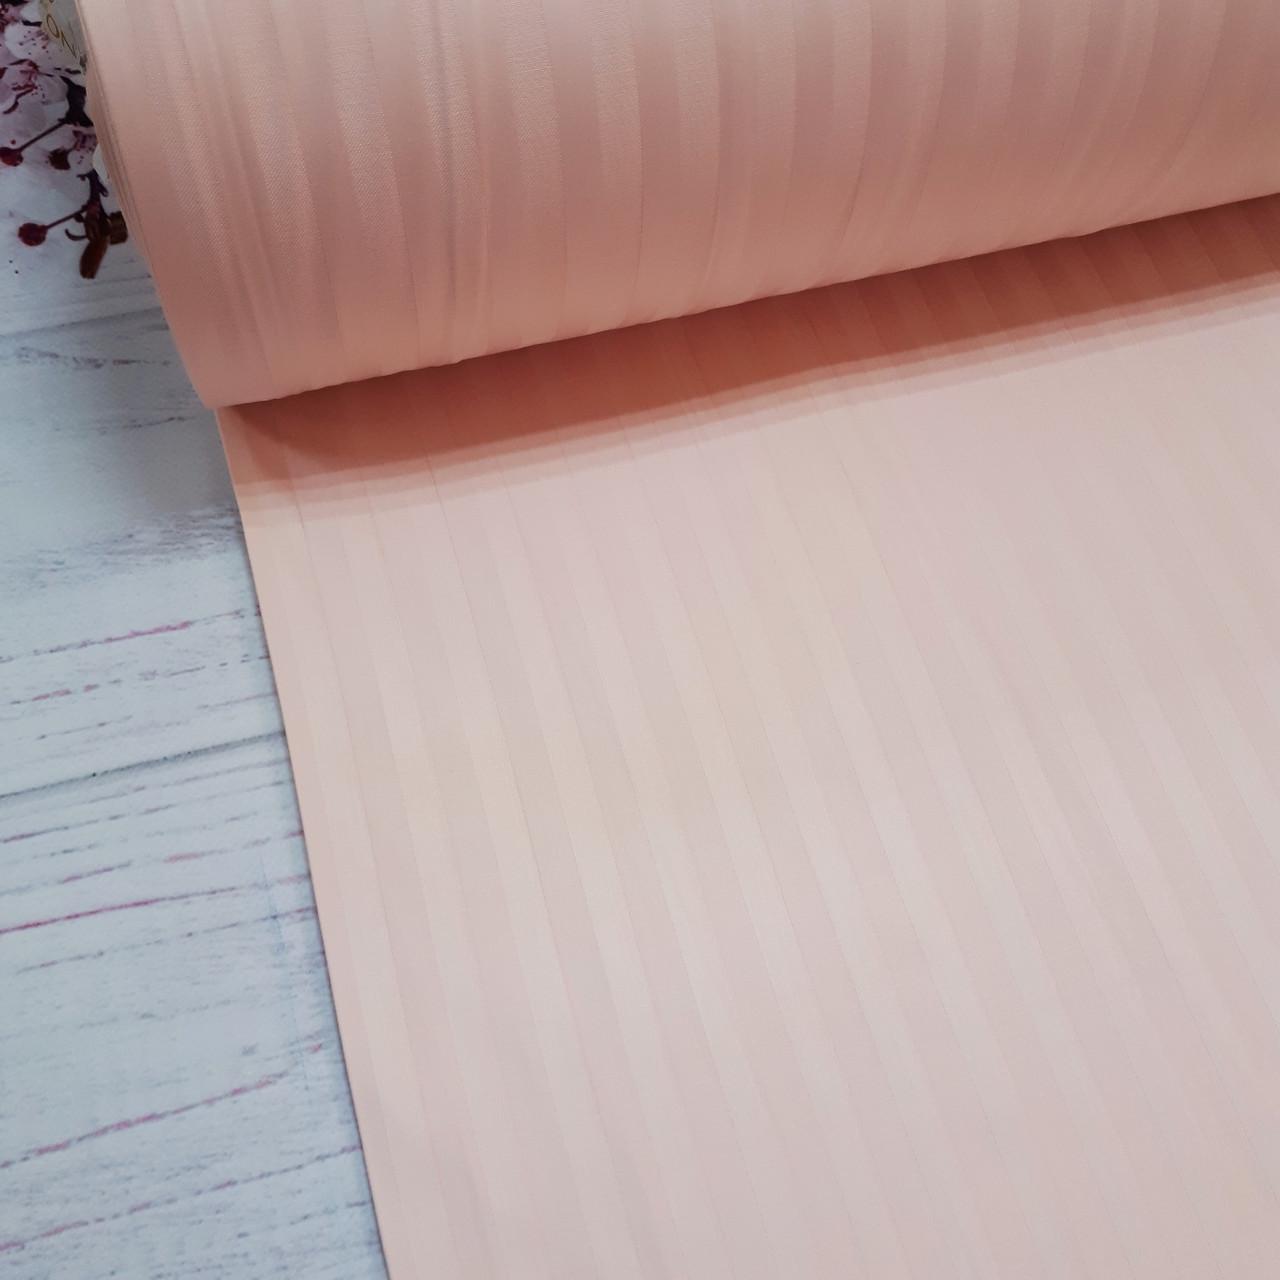 Сатин 100% хлопок  (ТУРЦИЯ шир. 2,4 м) Stripes пудровый ОТРЕЗ(0,9*2м)